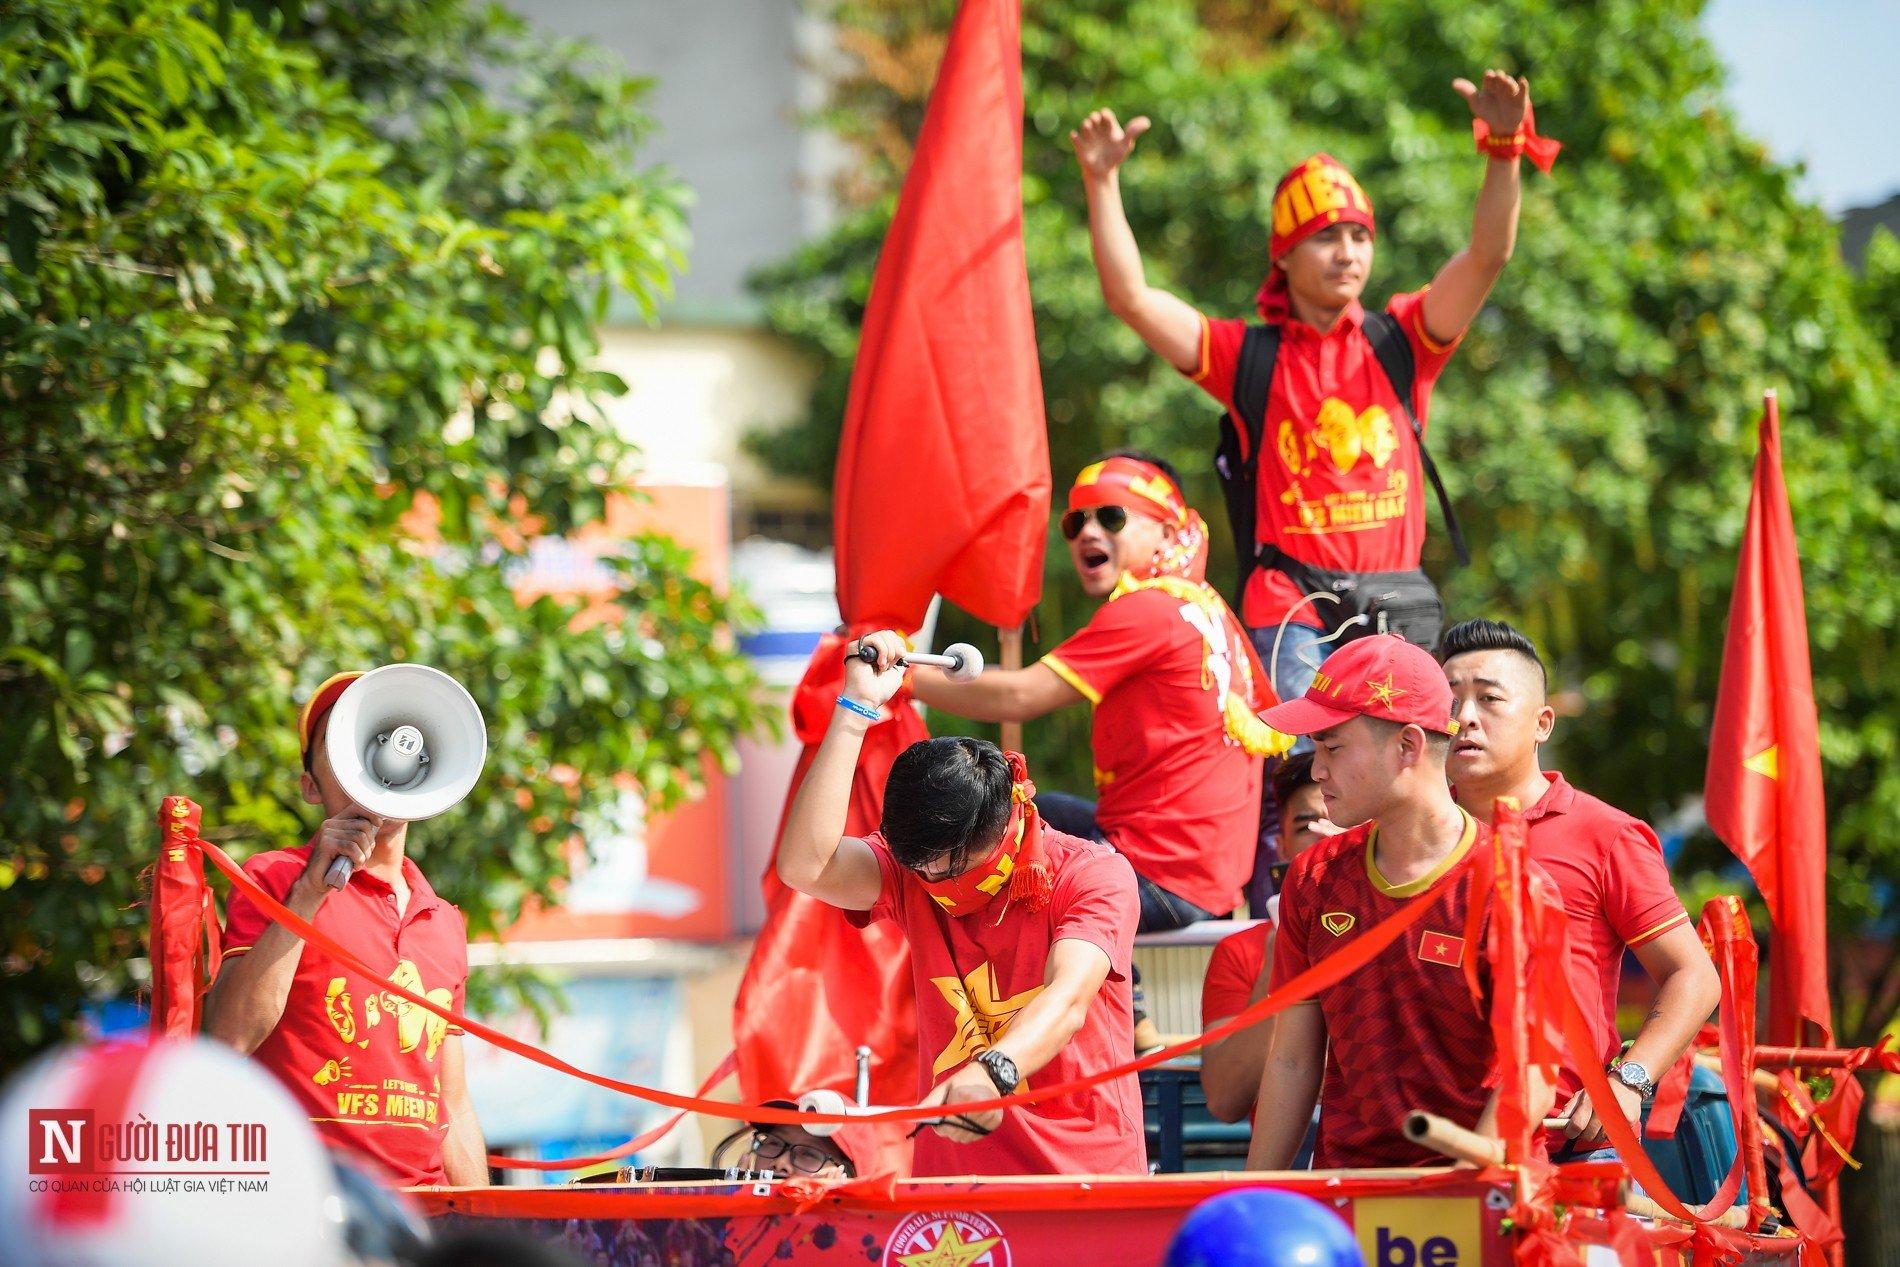 Nóng trước giờ G: Hàng ngàn CĐV diễu hành cổ vũ ĐTQG Việt Nam 5